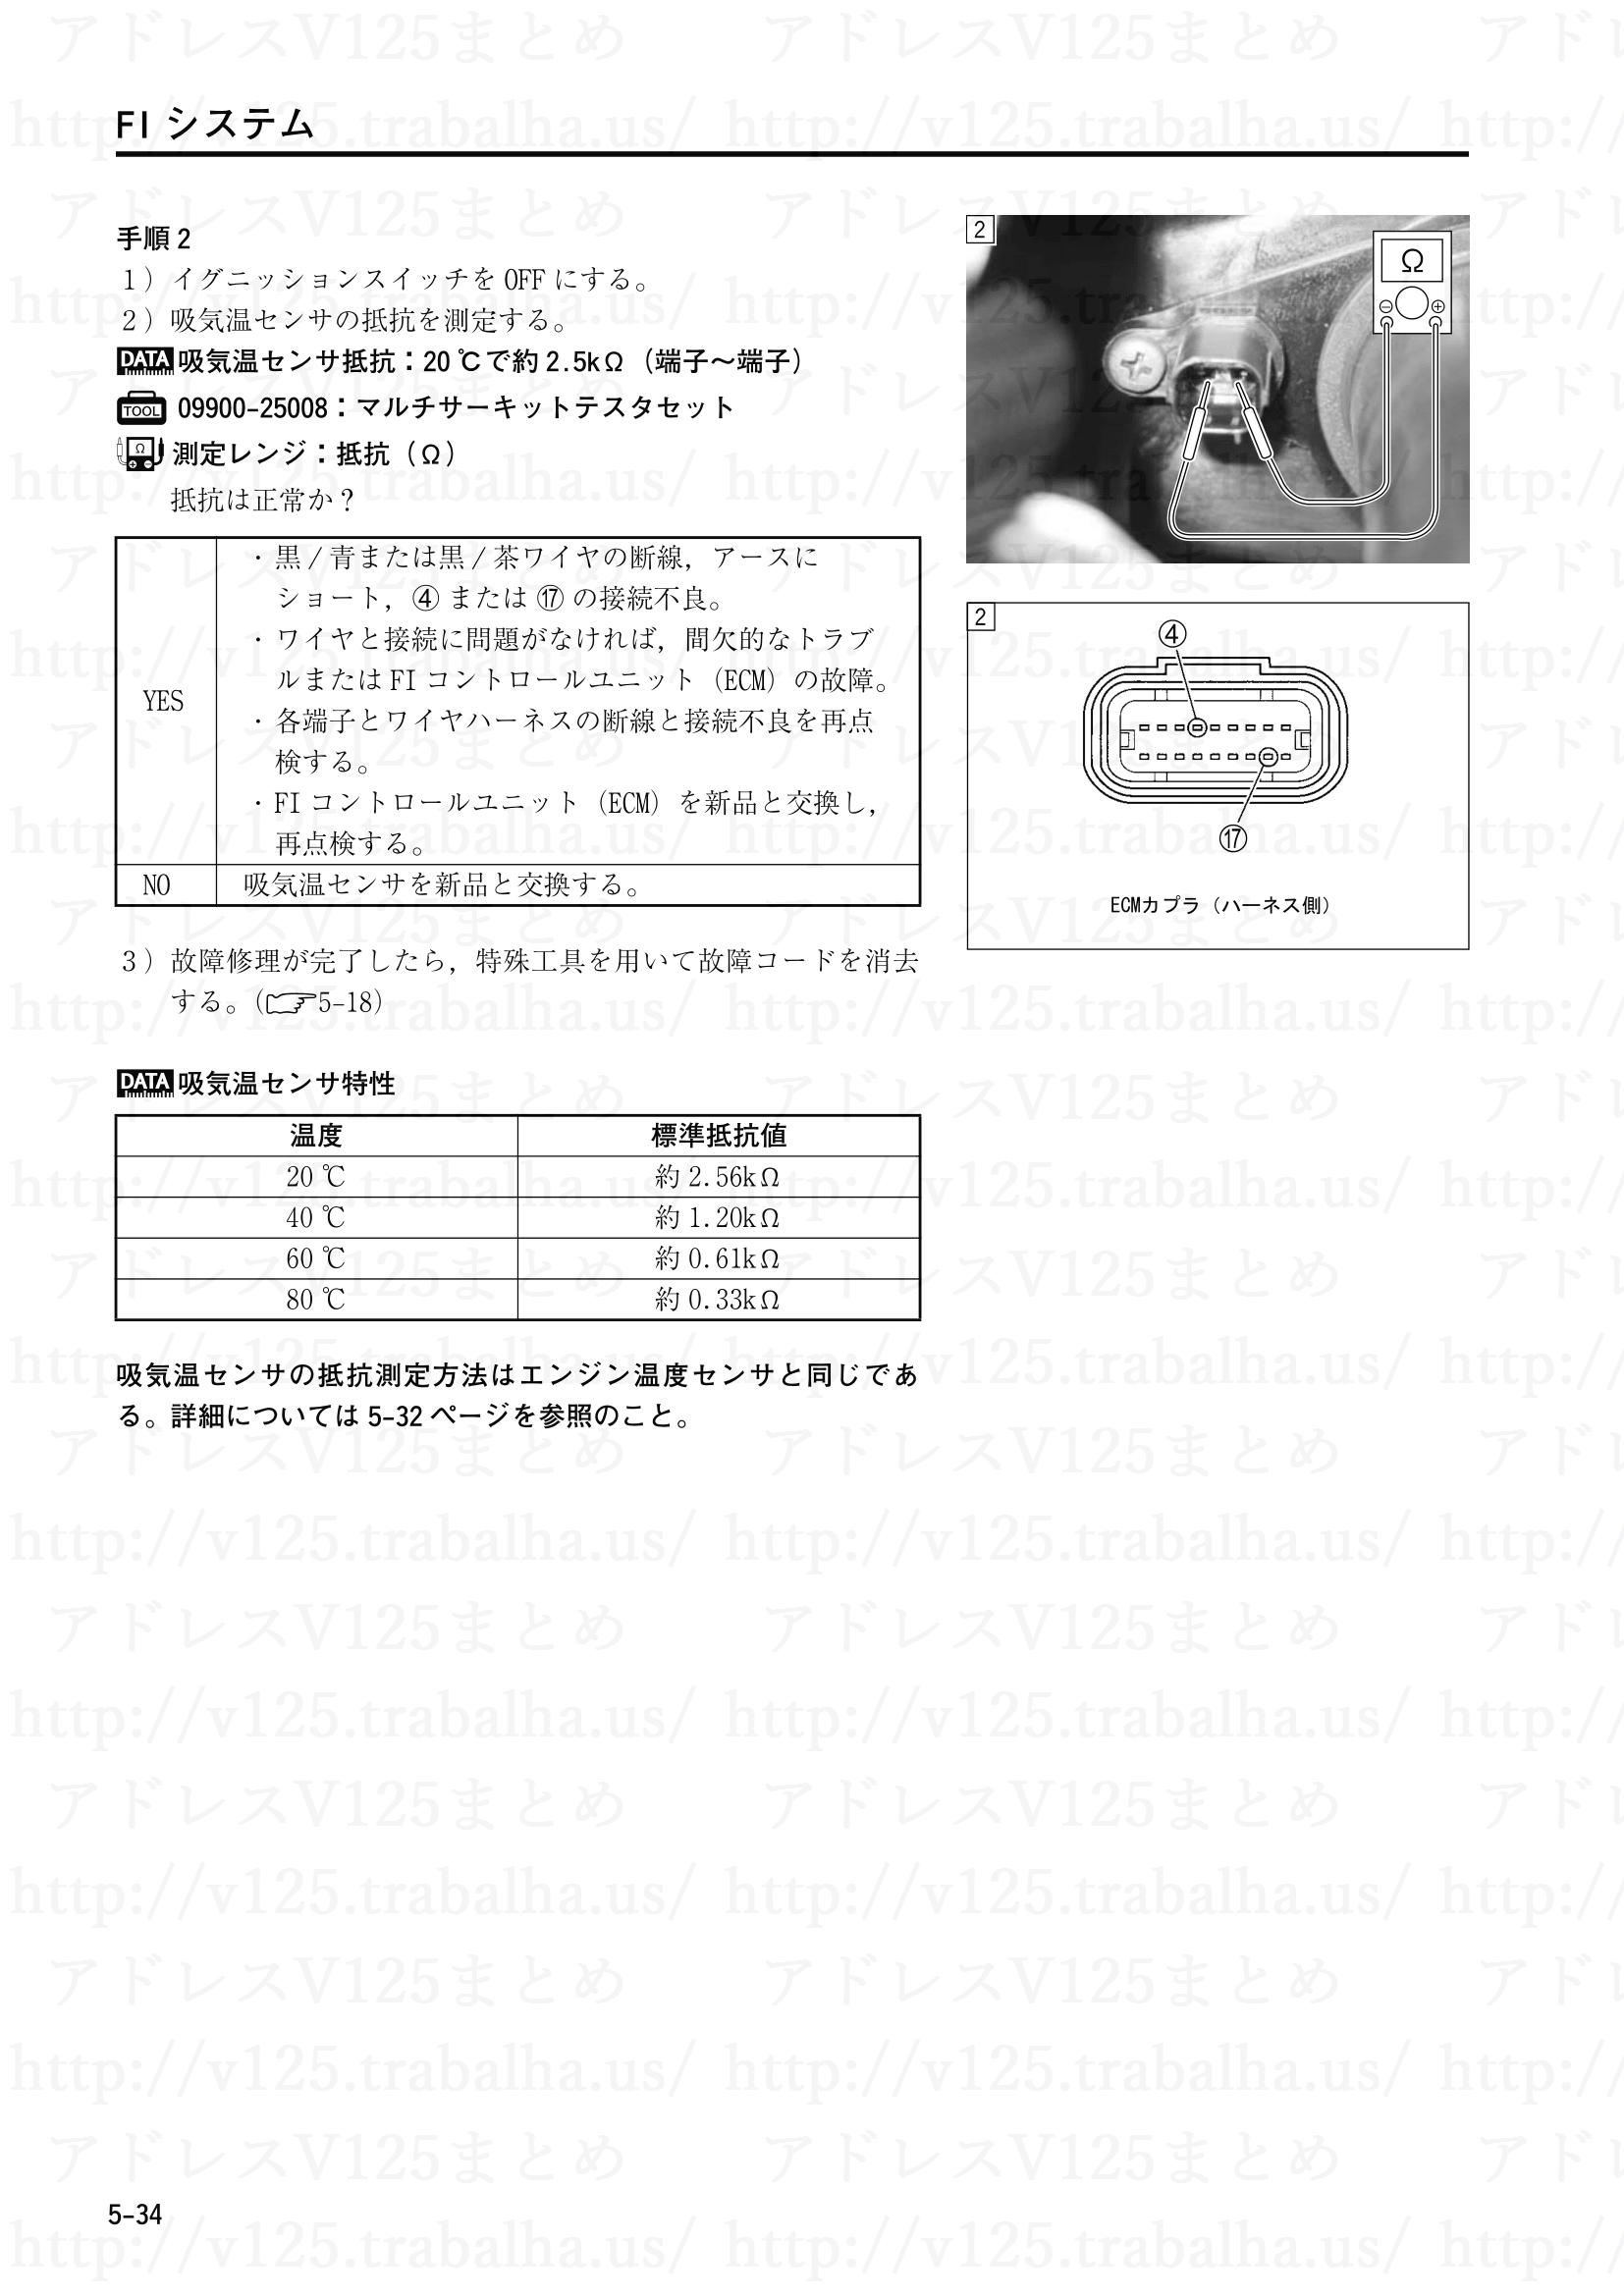 """5-34【FIシステム】""""C21""""吸気温センサ(IATS)回路の故障2"""